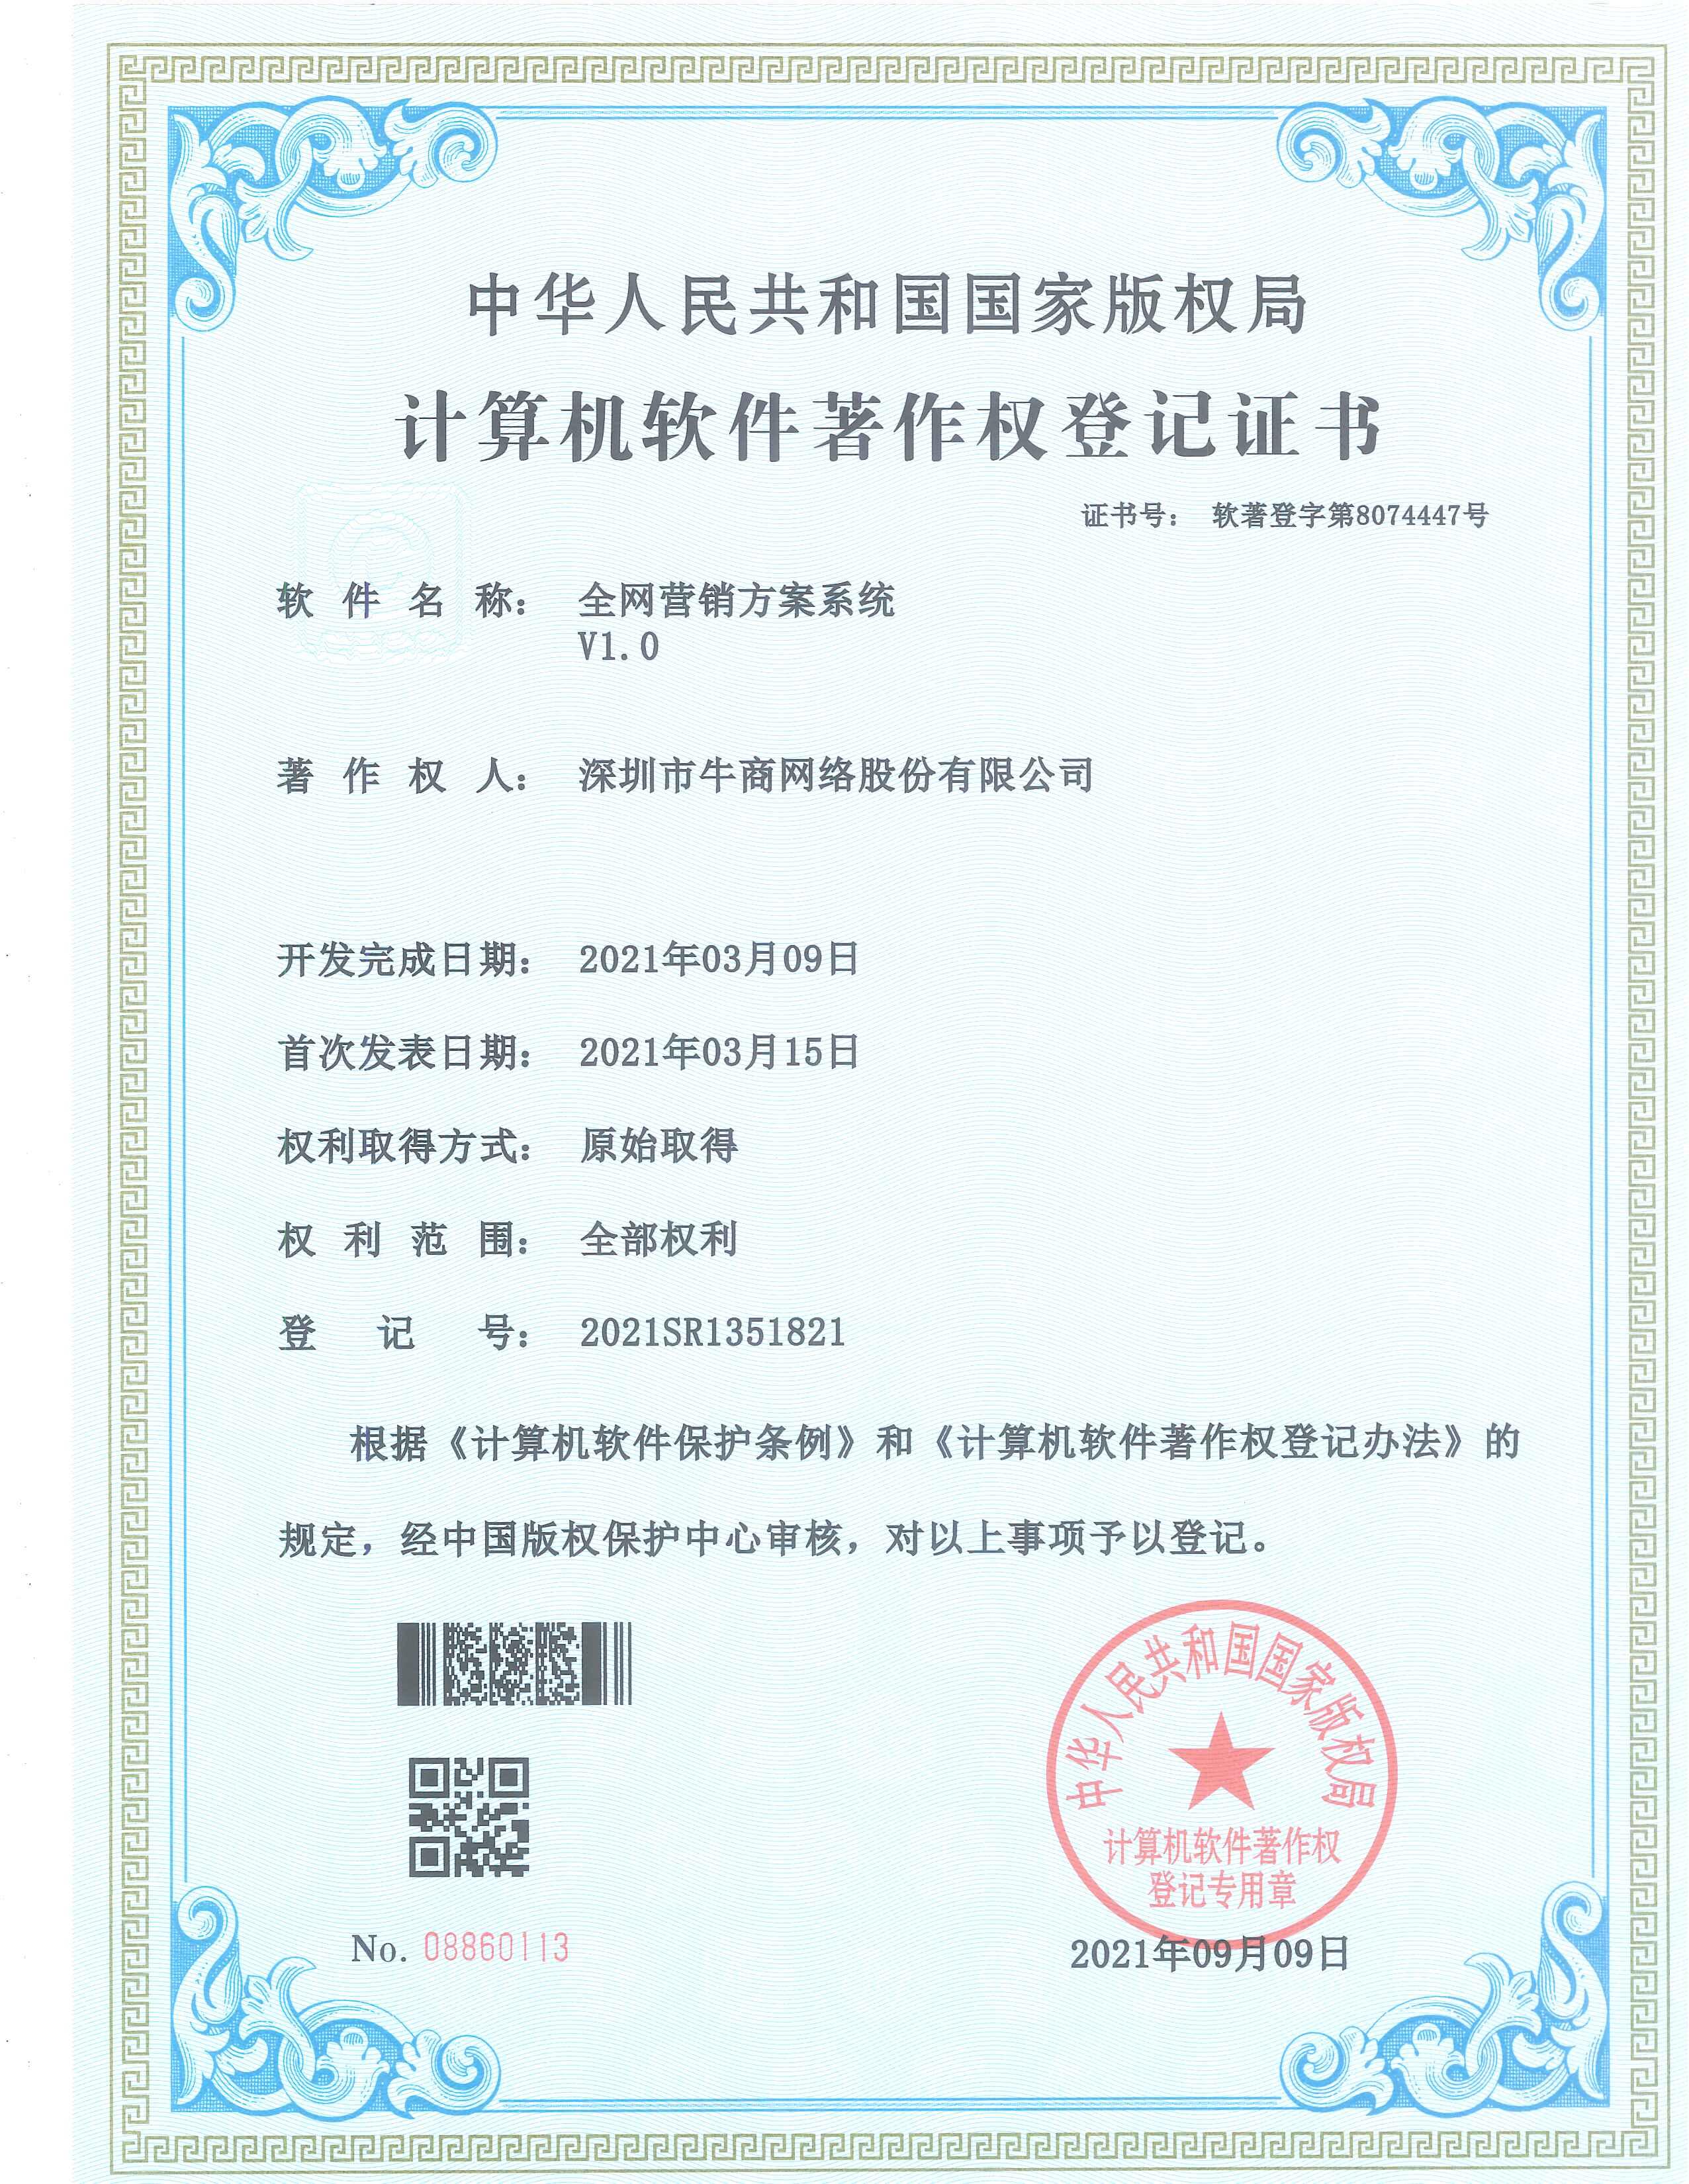 全网营销方案系统证书